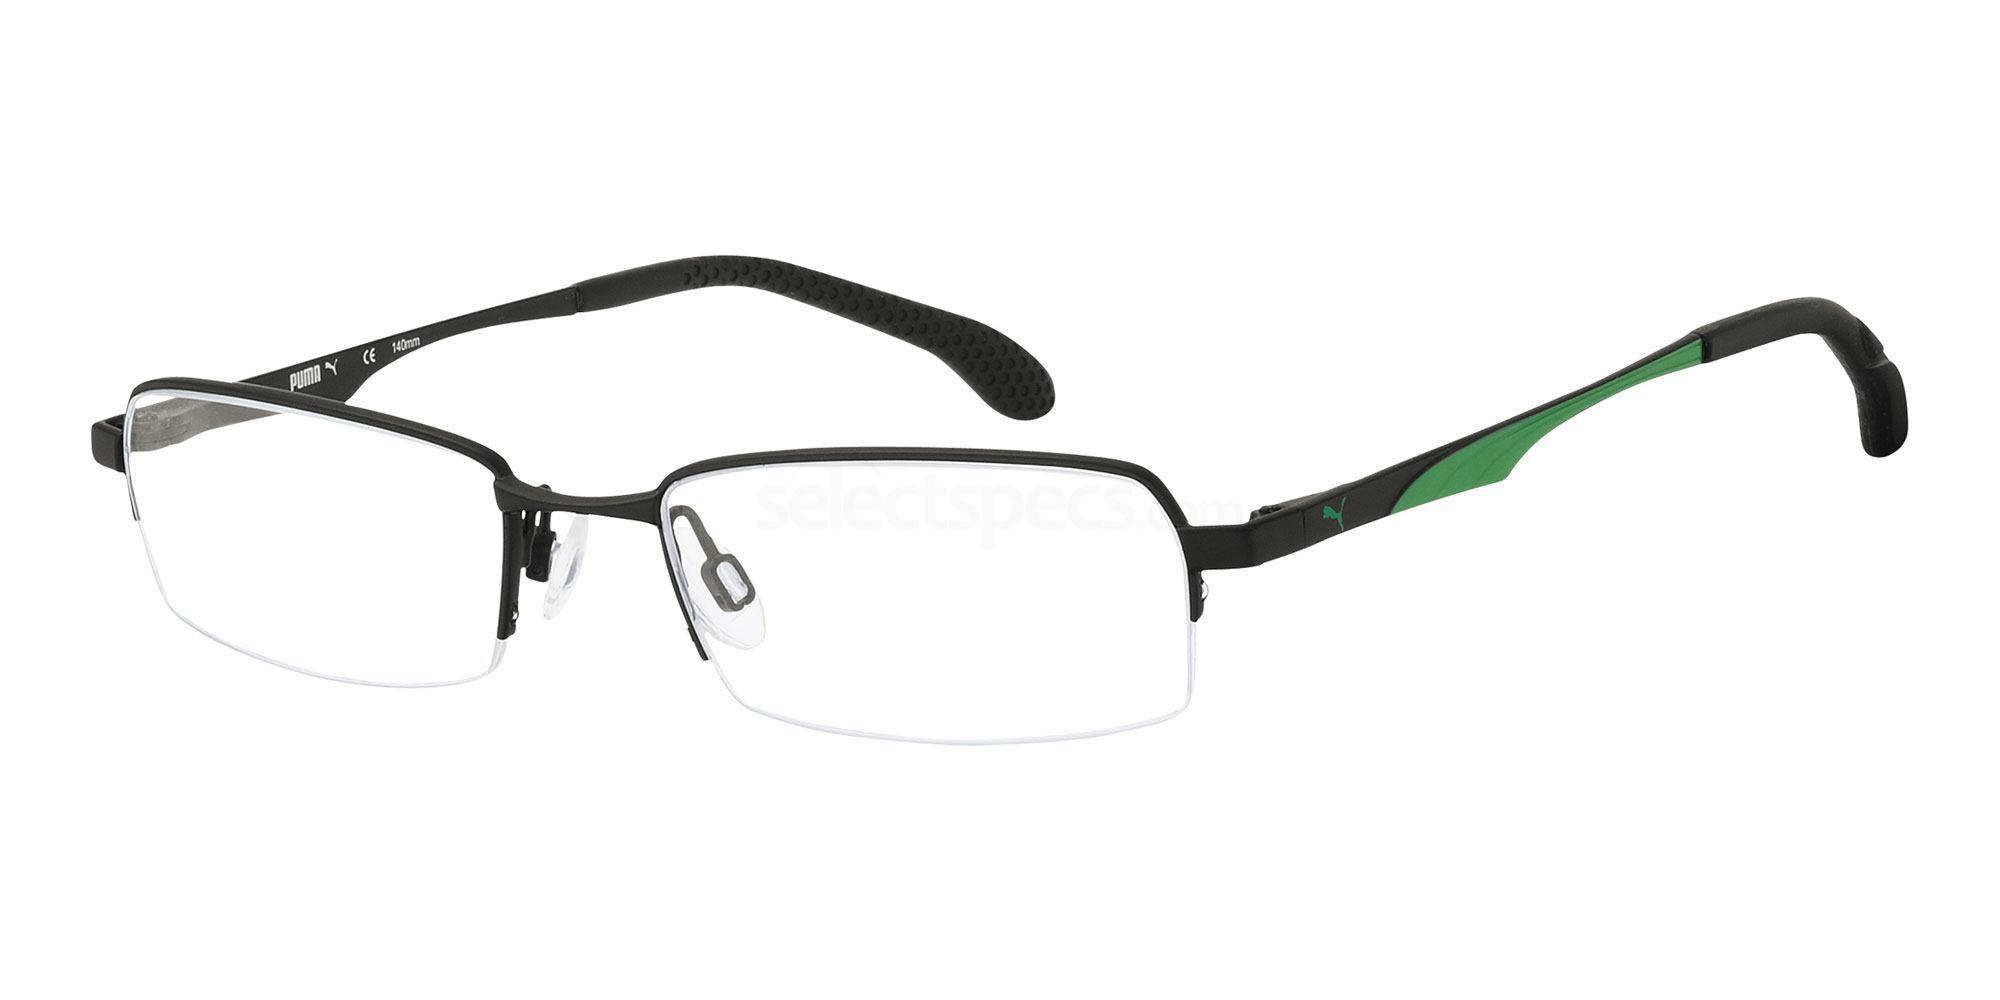 BK PU15418 Glasses, Puma